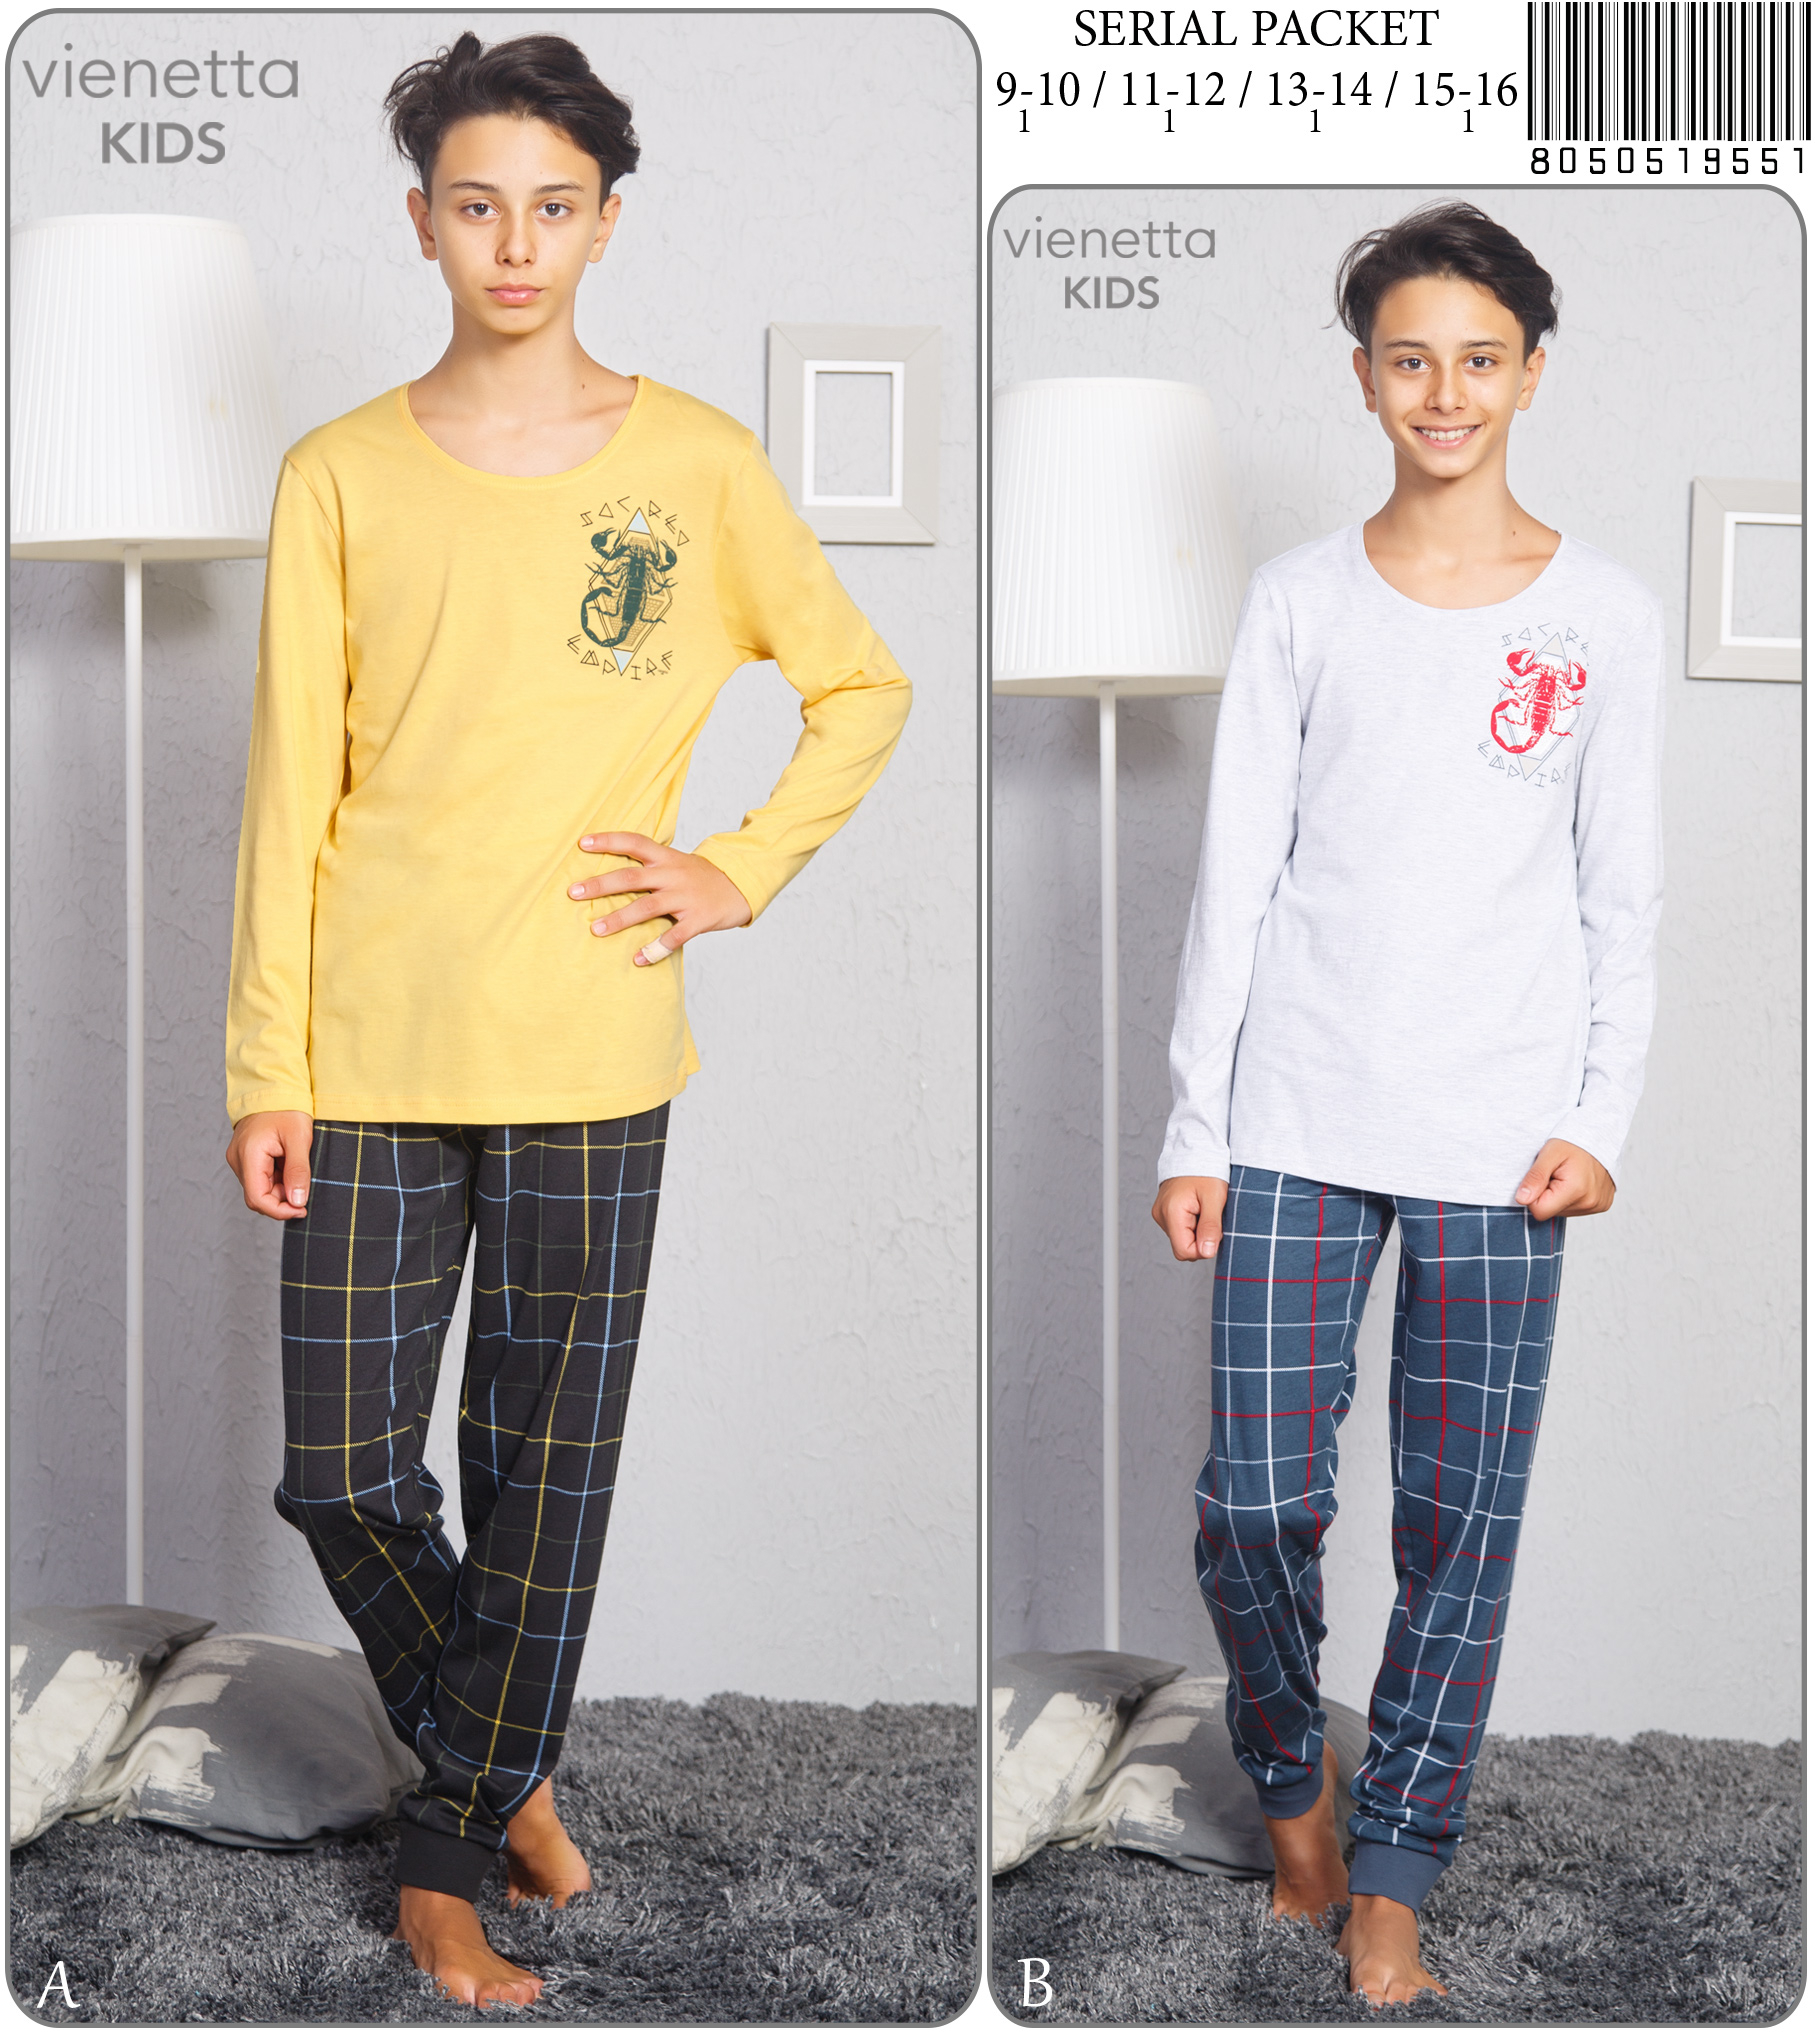 Пижама детская трикотаж 8050519551